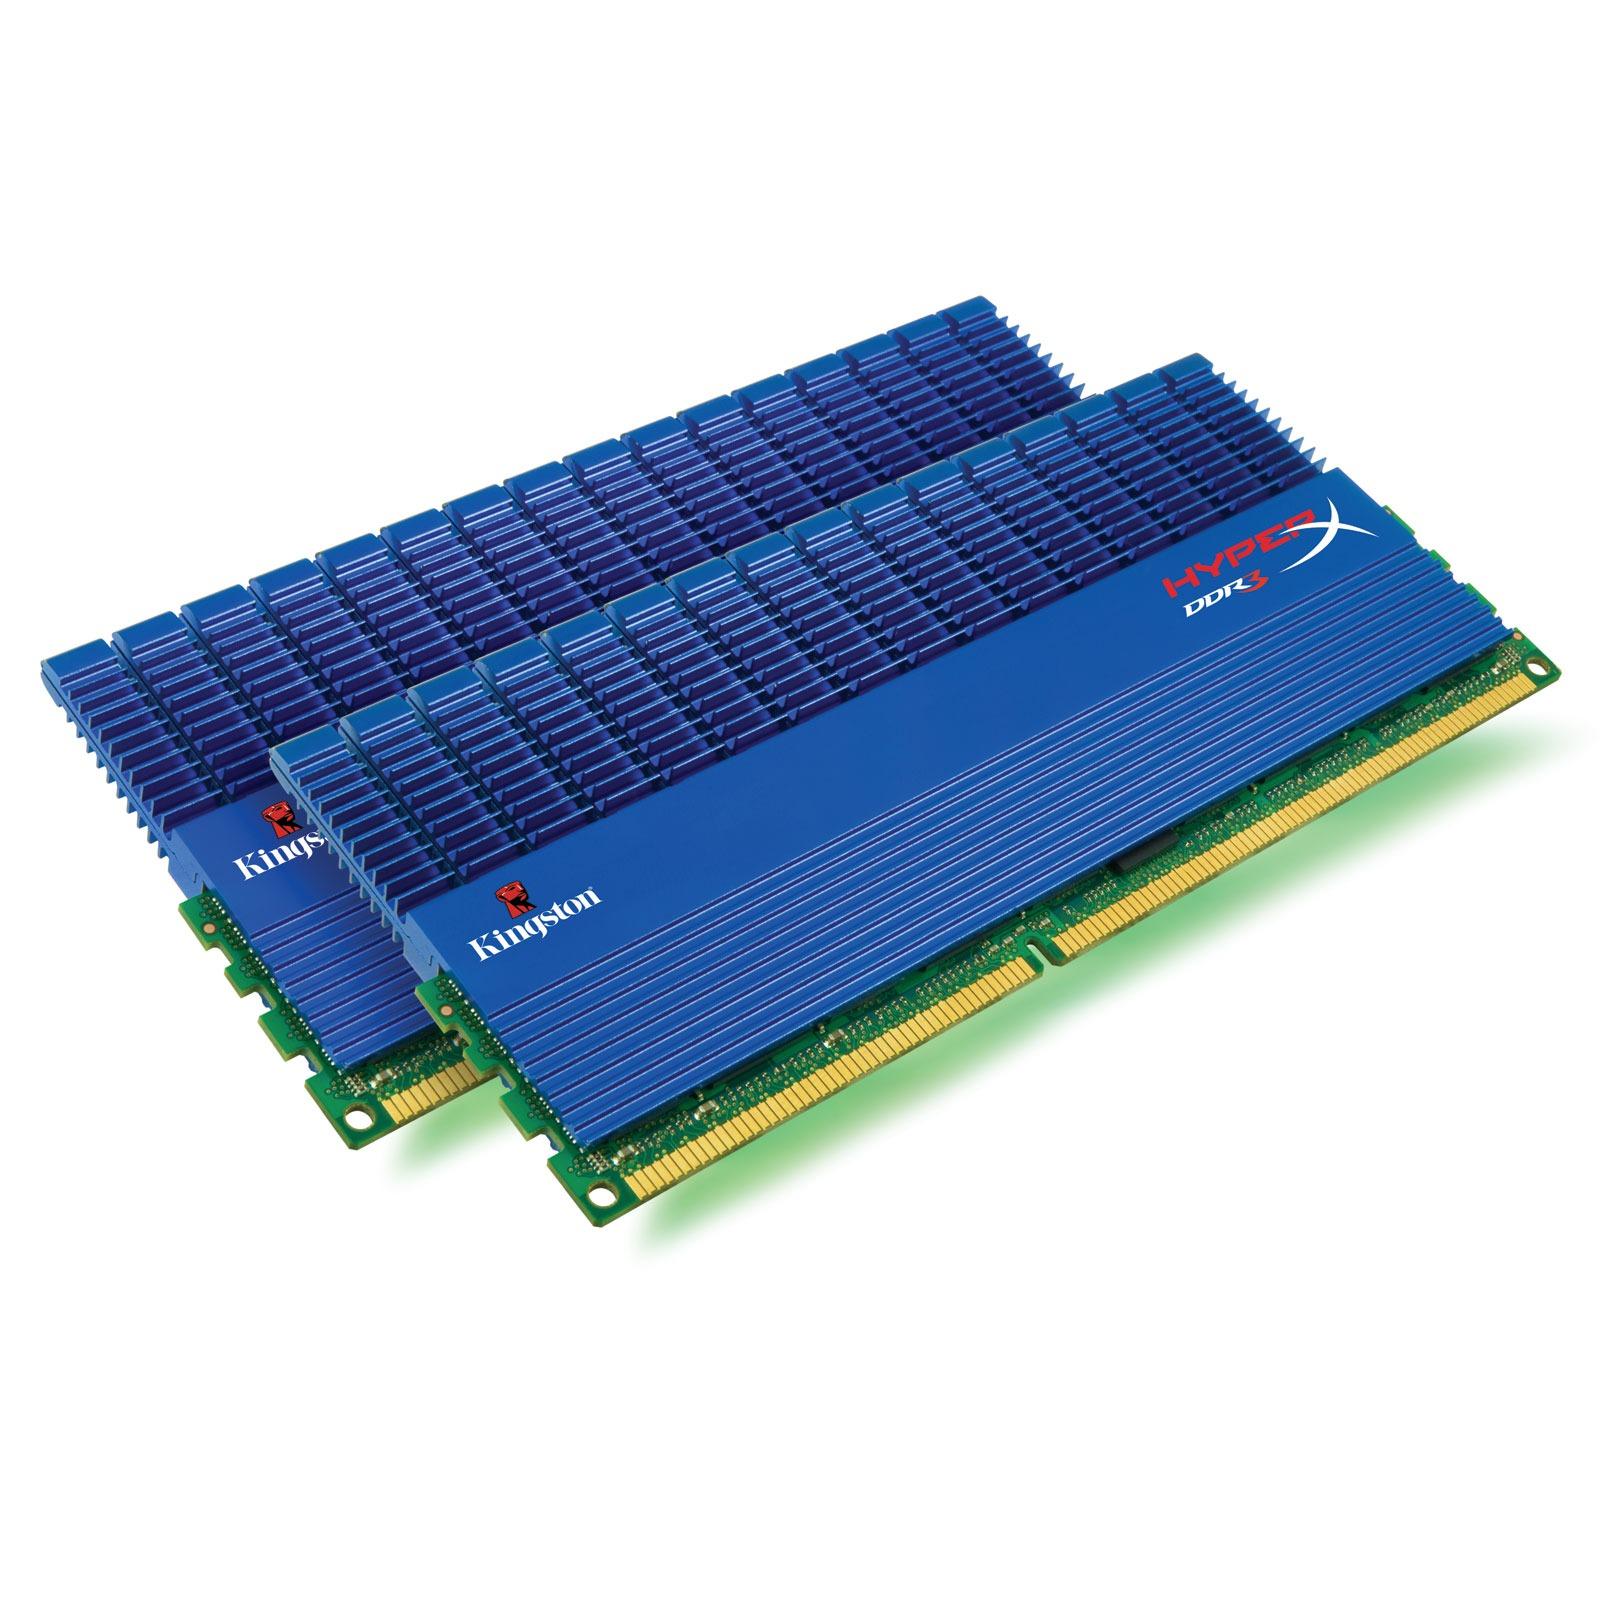 Mémoire PC Kingston XMP T1 8 Go (2x 4Go) DDR3 2000 MHz Kingston XMP T1 8 Go (kit 2x 4 Go) DDR3-SDRAM PC3-16000 CL9 - KHX2000C9D3T1K2/8GX (garantie 10 ans par Kingston)